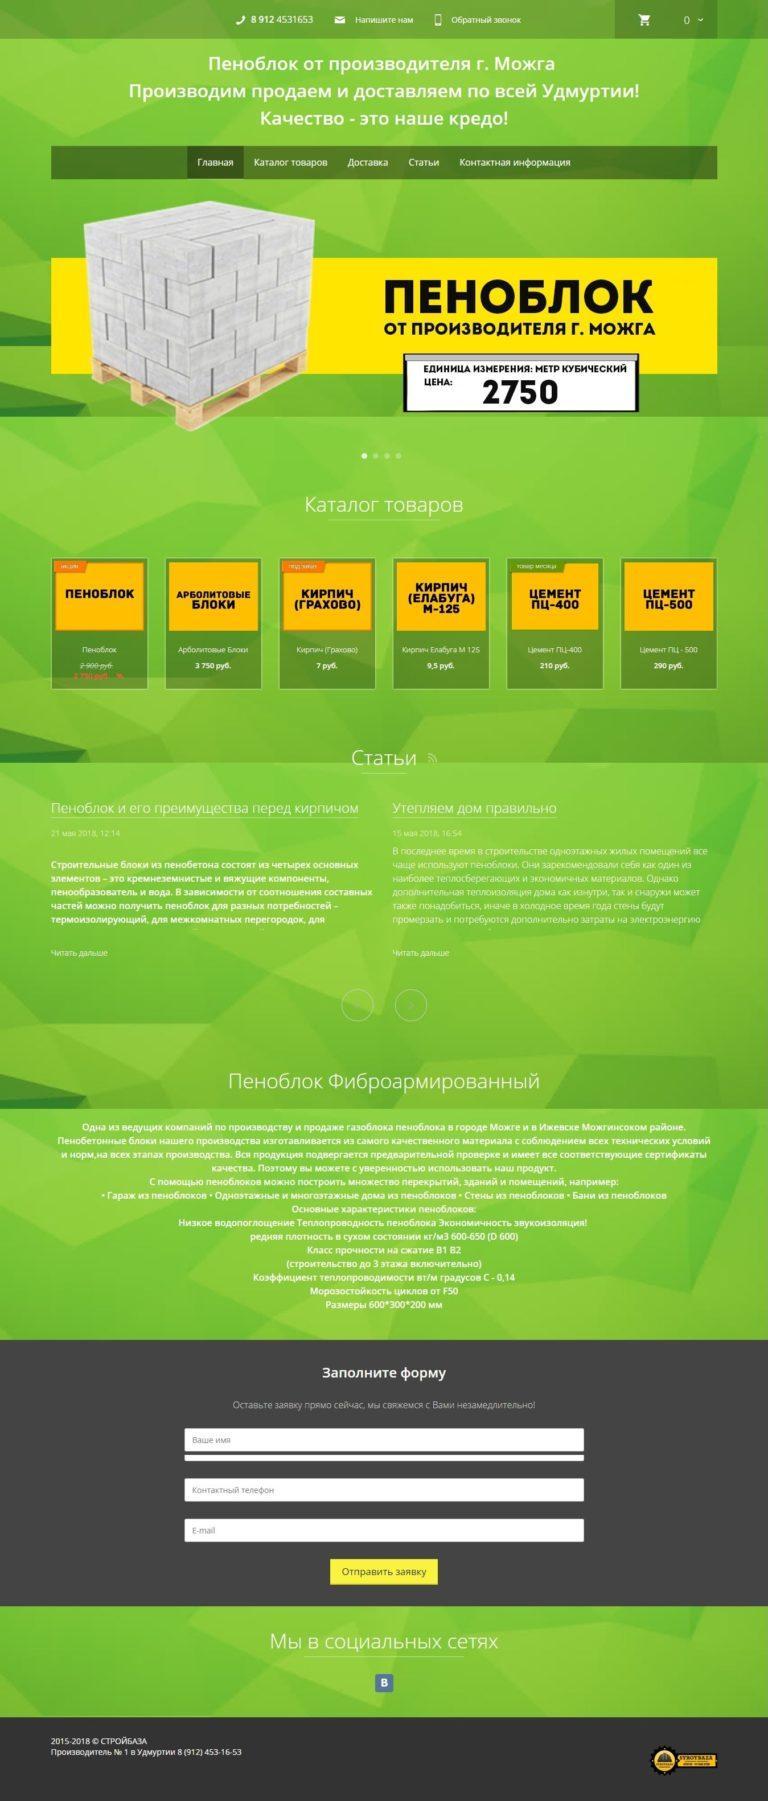 Главная страница сайта производителя пеноблоков и пенобетона